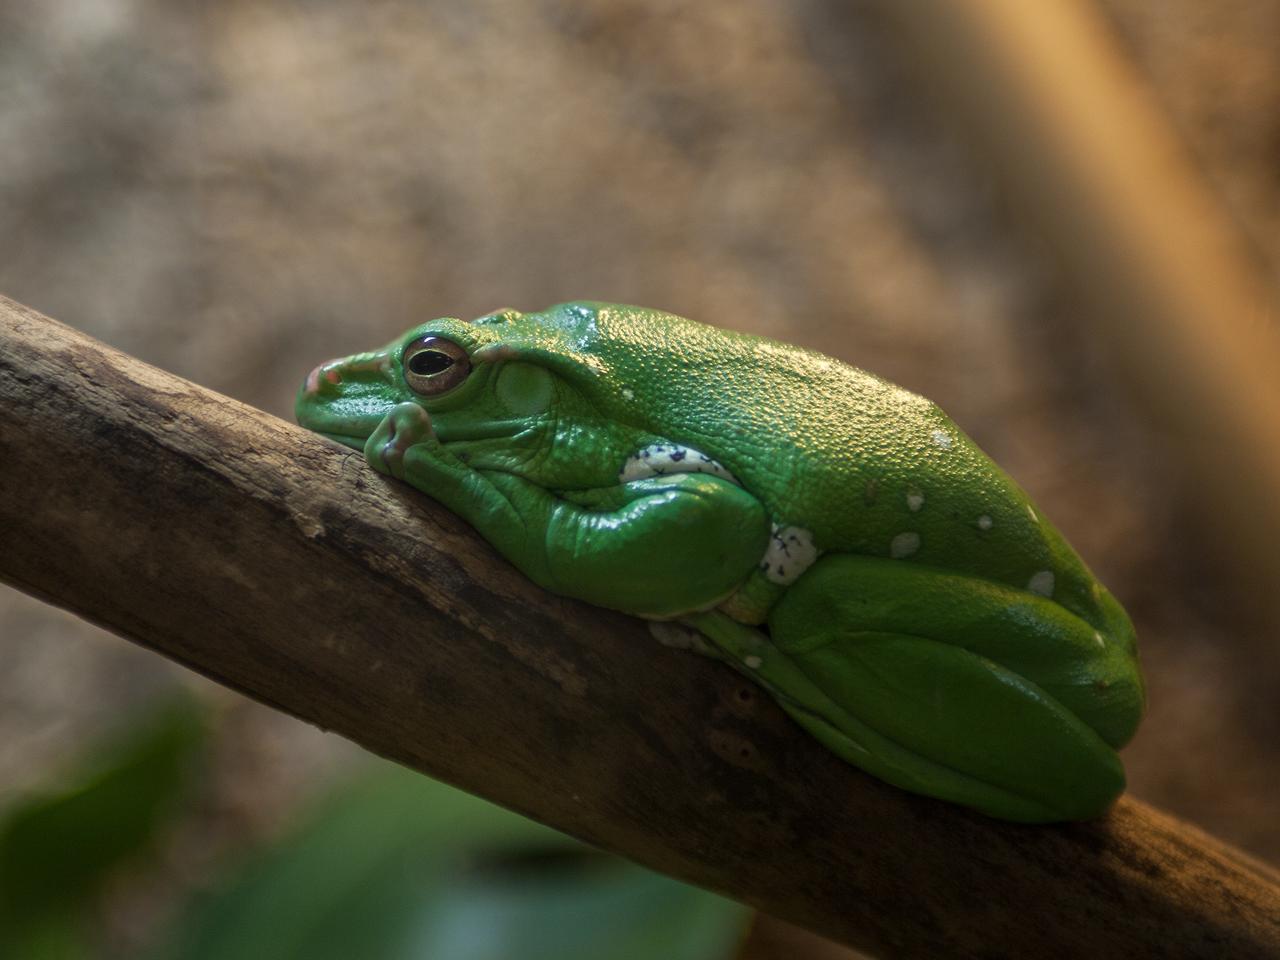 'Царевна лягушка'. Блиц: дикие животные